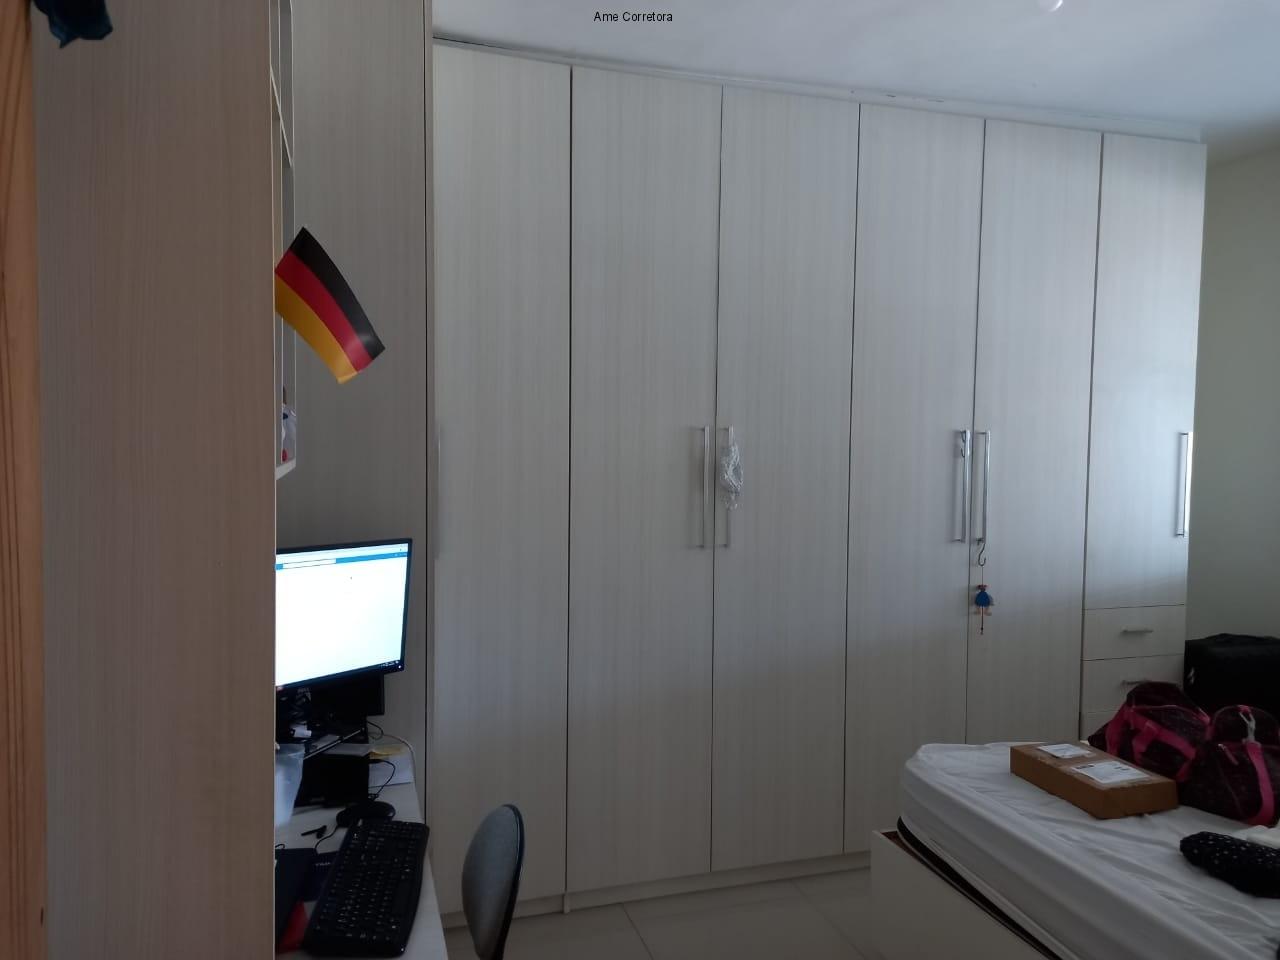 FOTO 01 - Casa 2 quartos para venda e aluguel Campo Grande, Rio de Janeiro - R$ 250.000 - CA00858 - 6